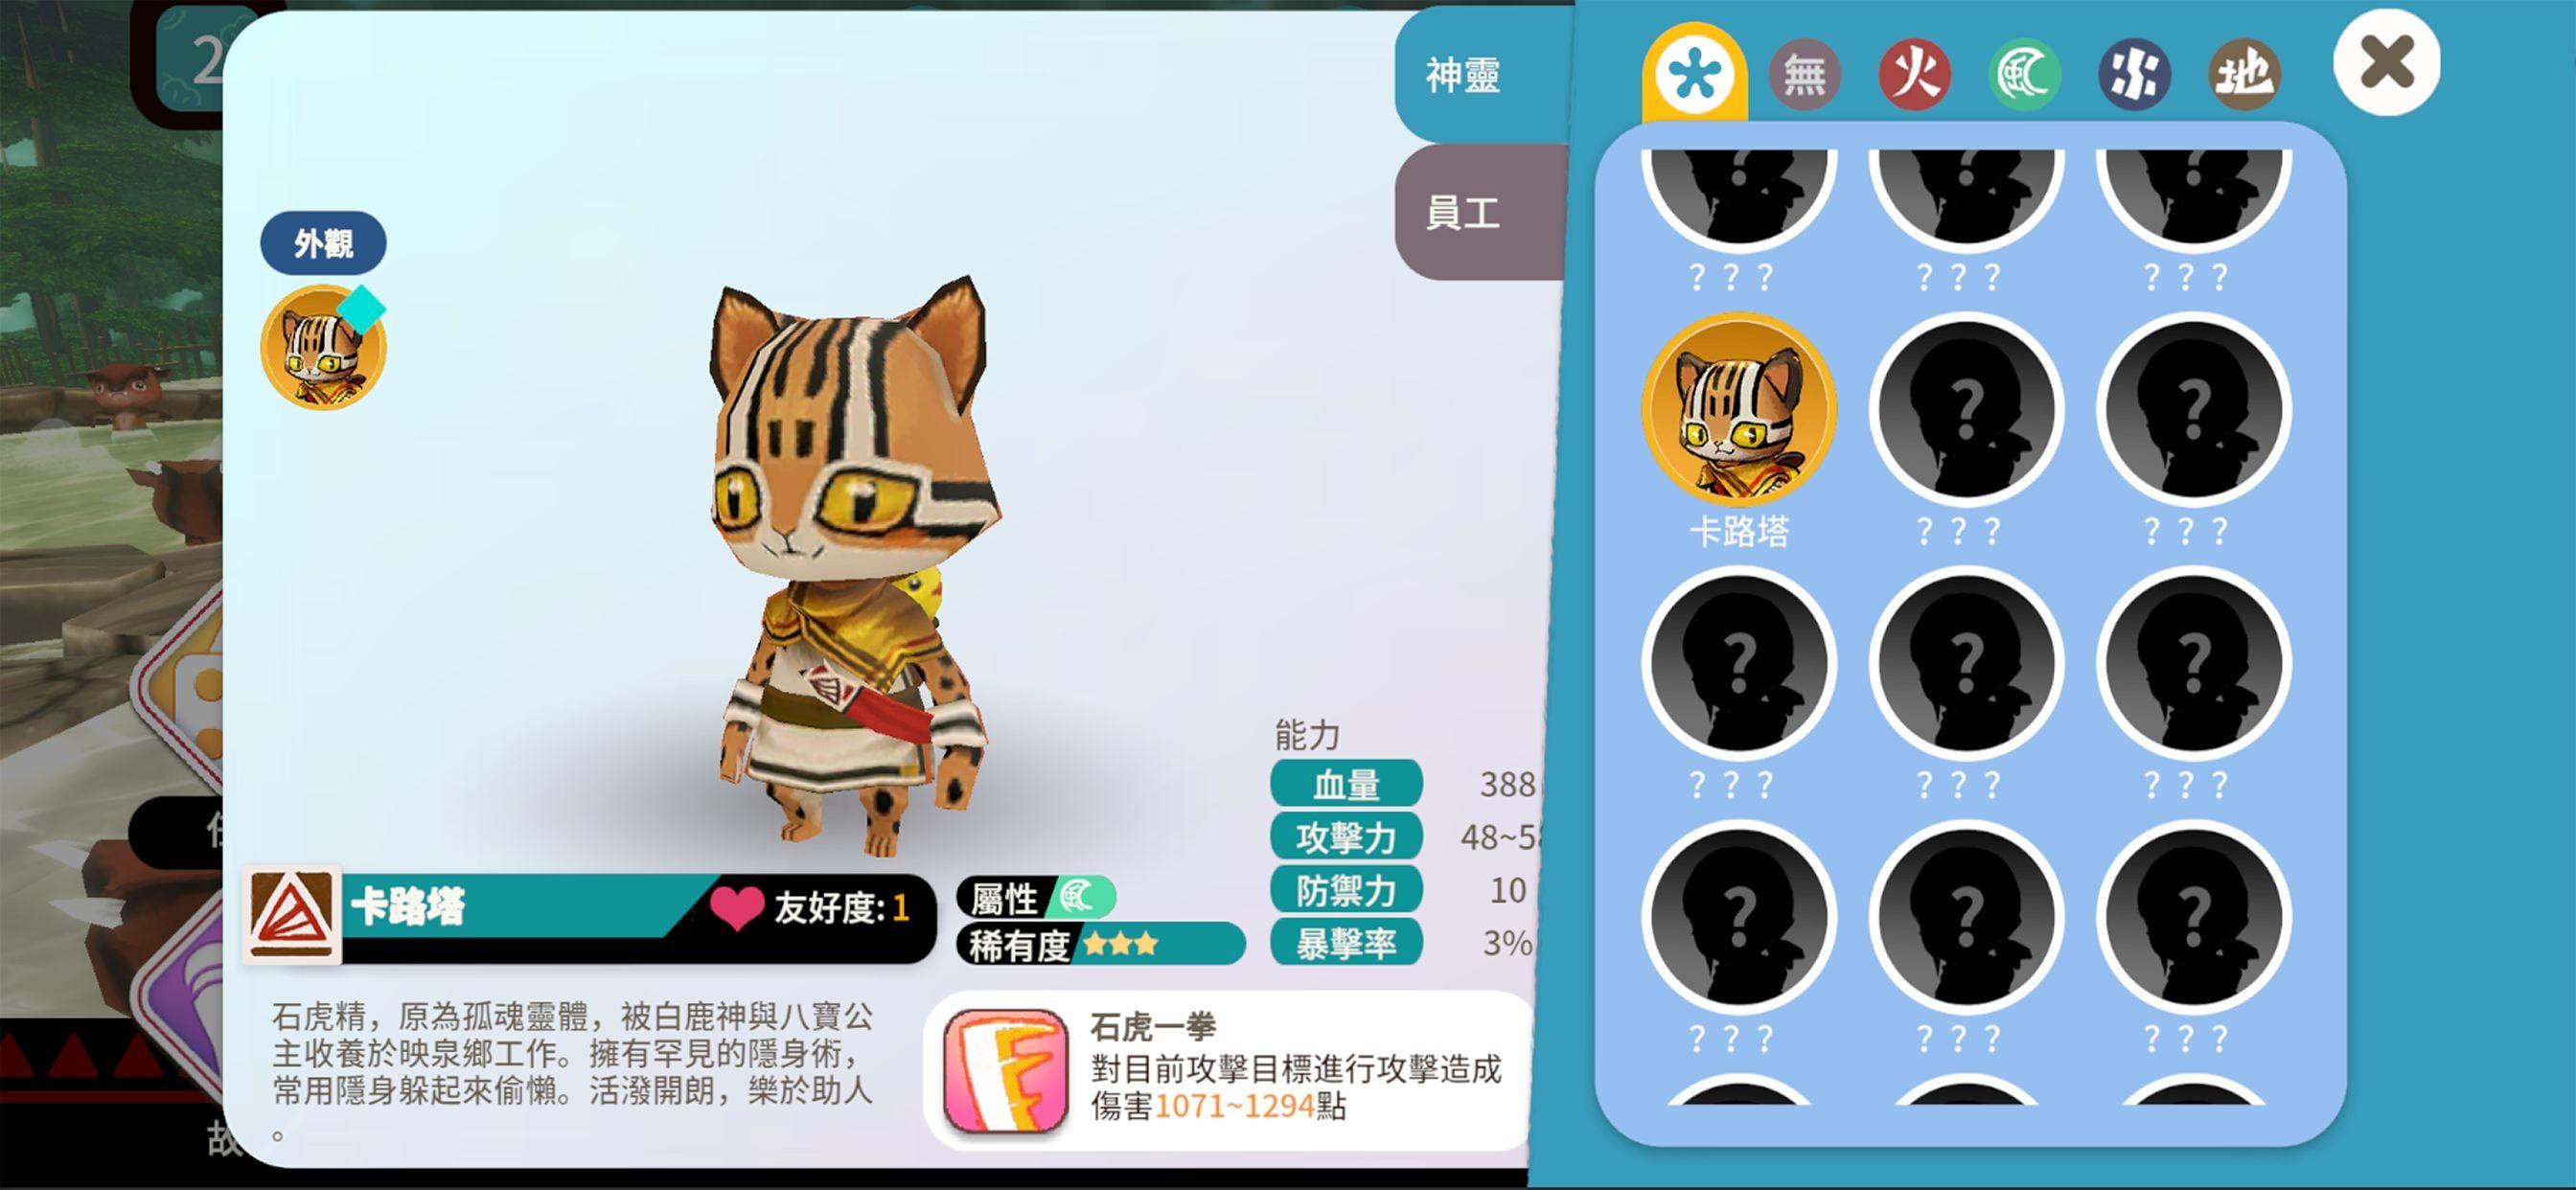 超萌畫風溫泉放置類手遊《映泉鄉》已於Google Play 雙平台開放下載!